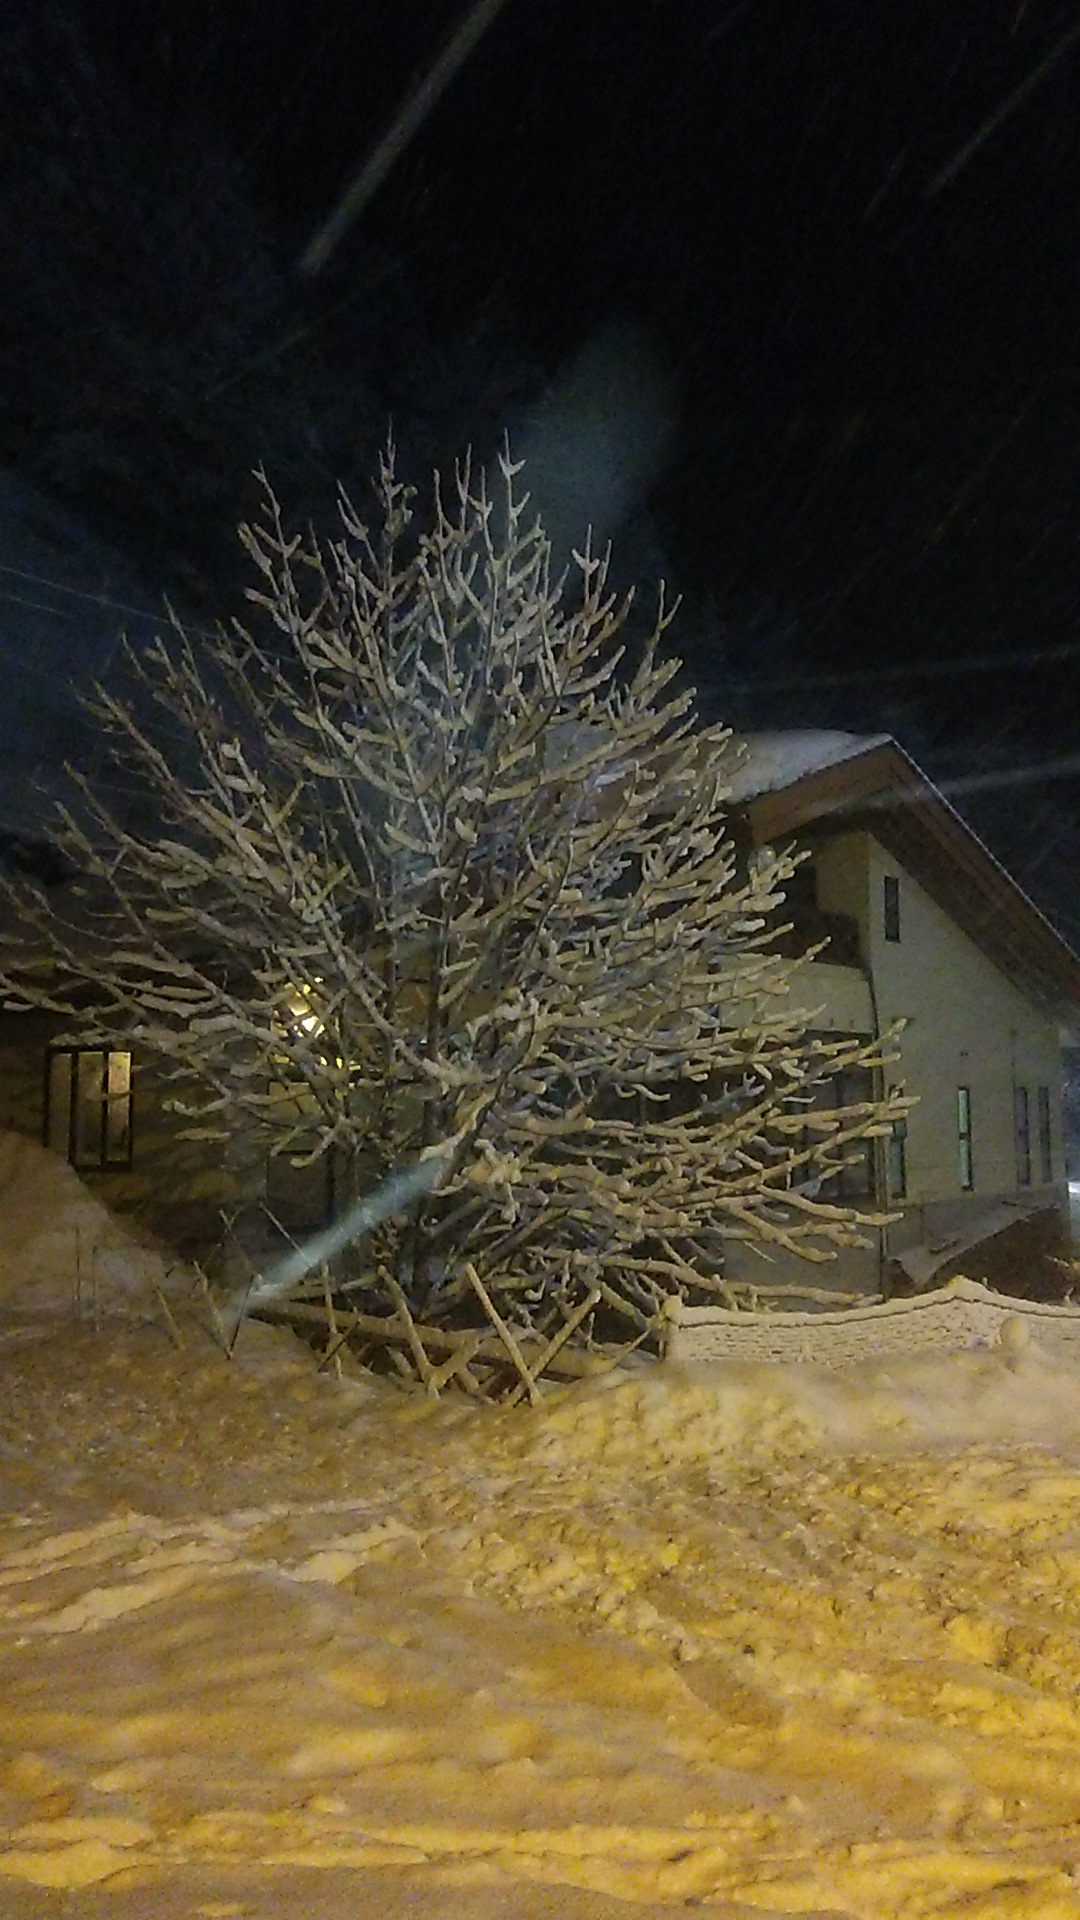 http://www.hirogawara.com/DSC_0828.JPG